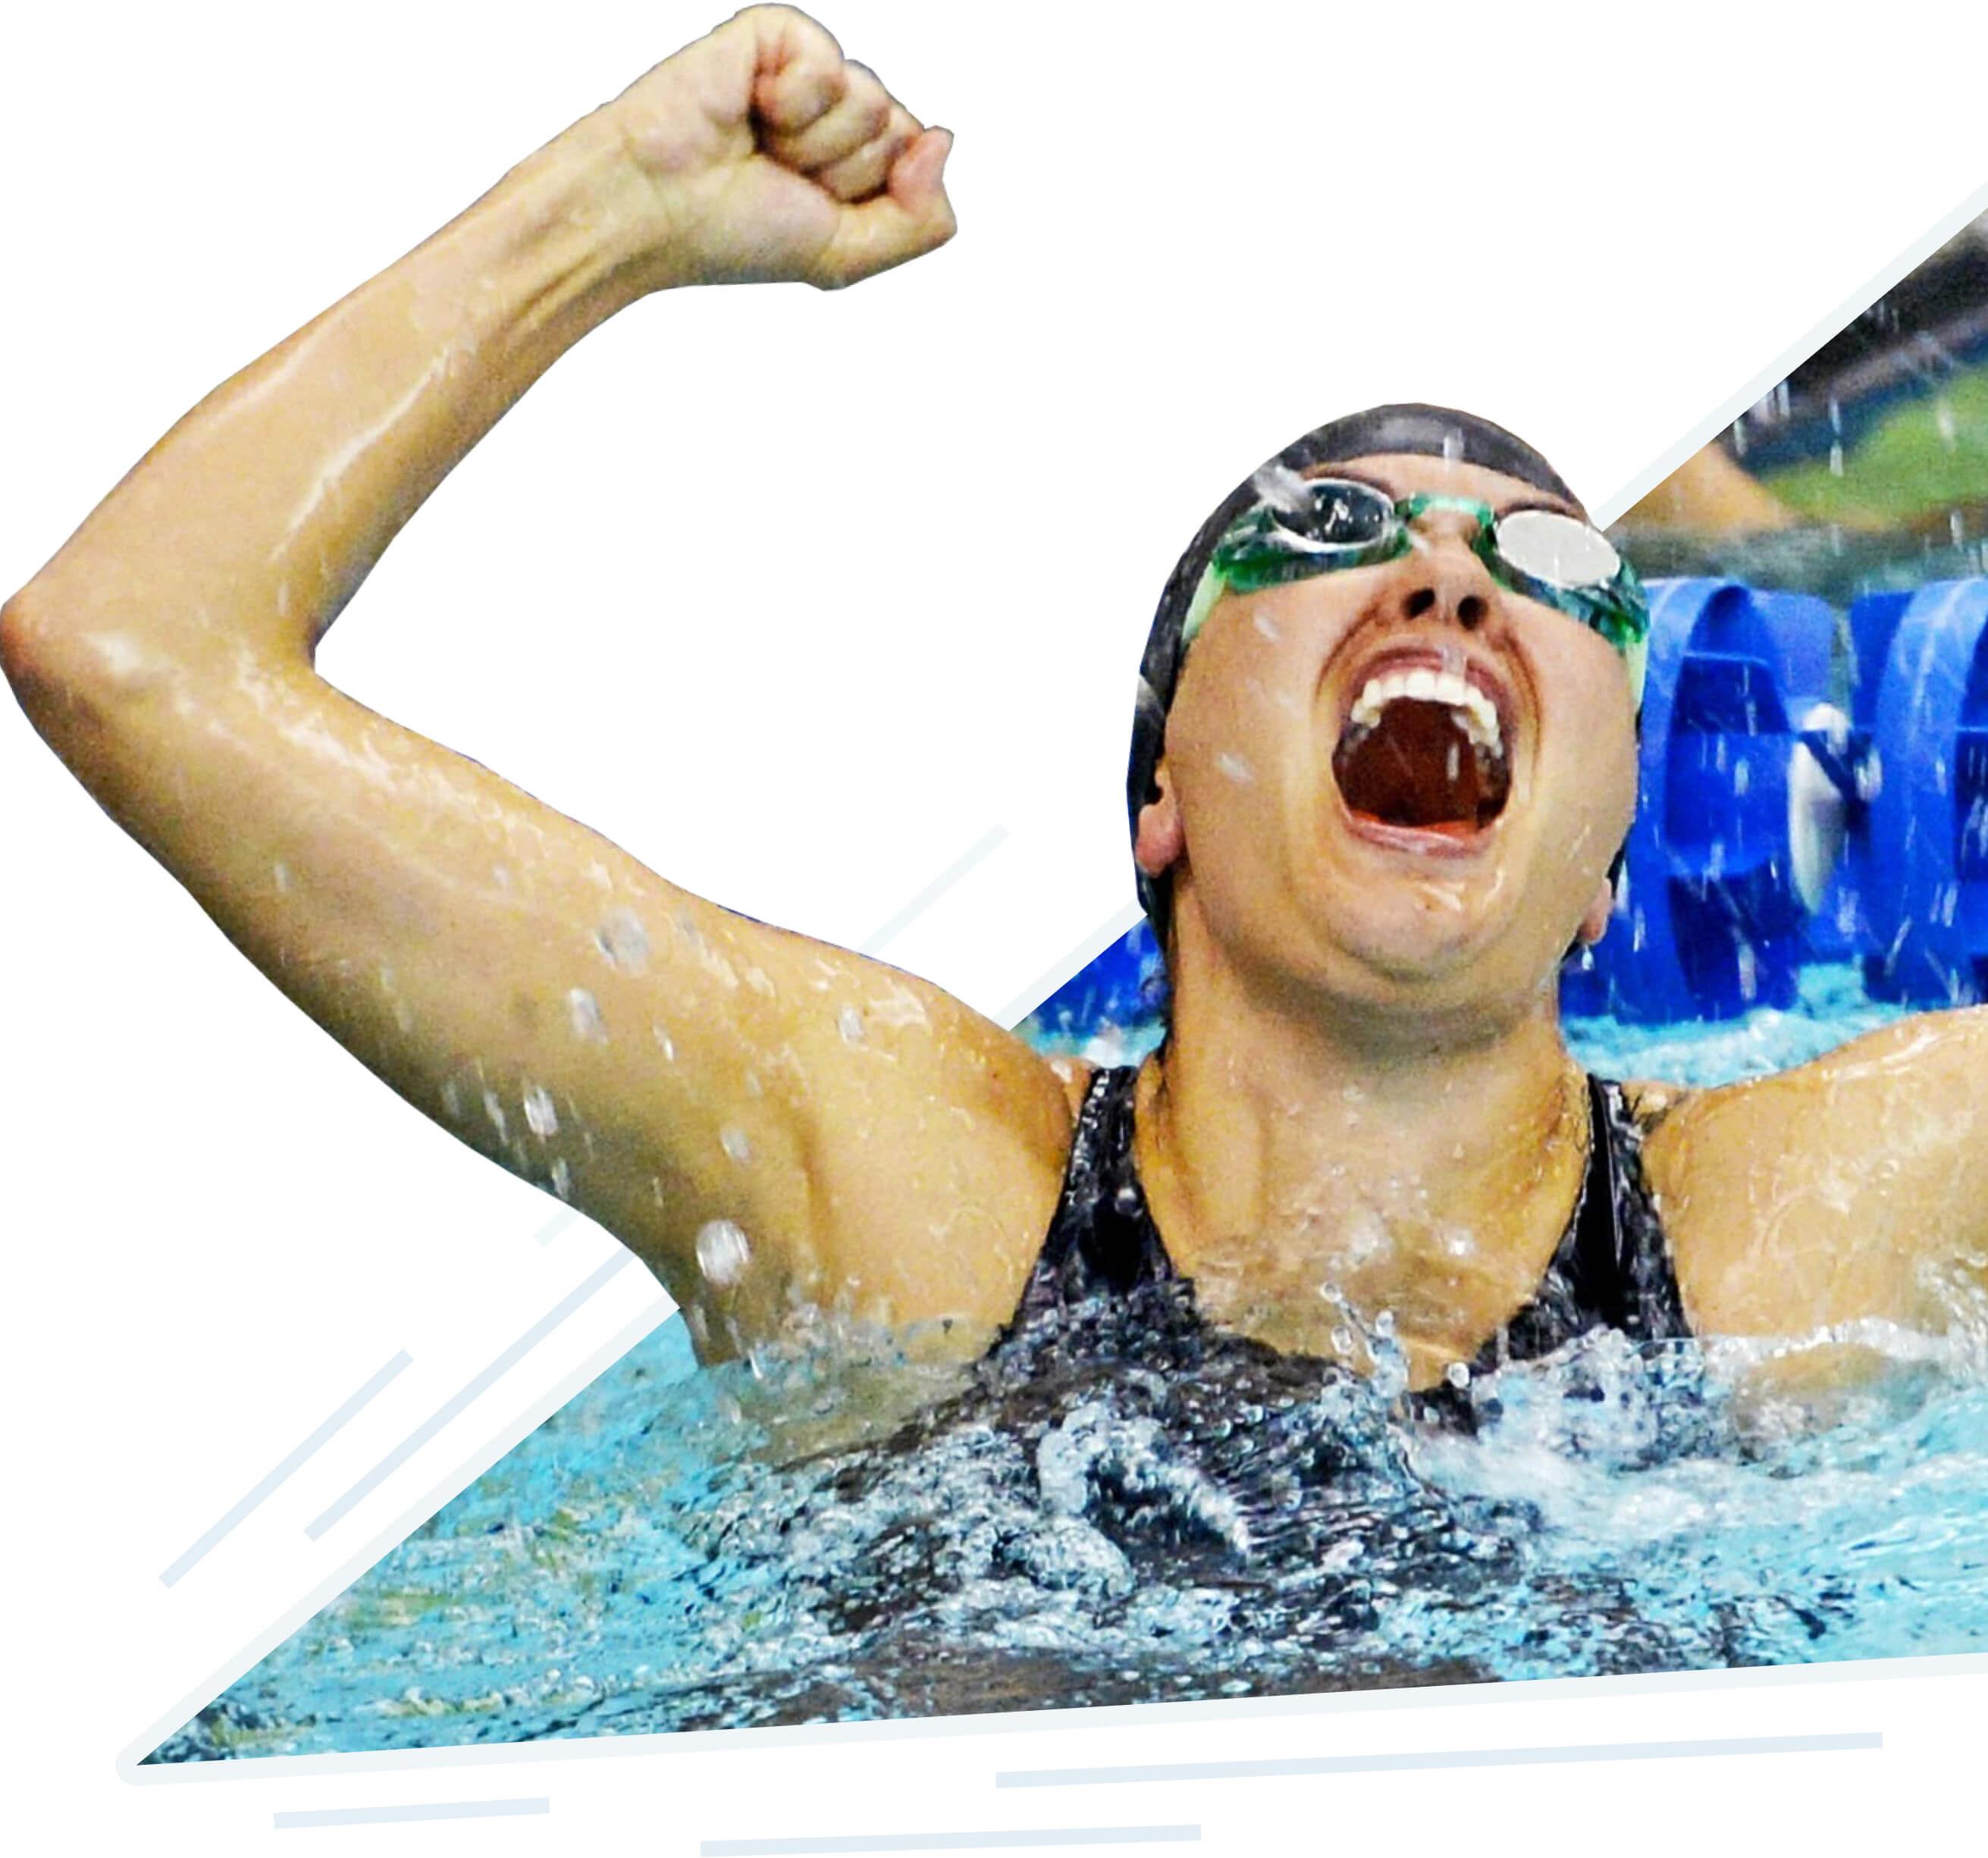 swimmer celebrates win